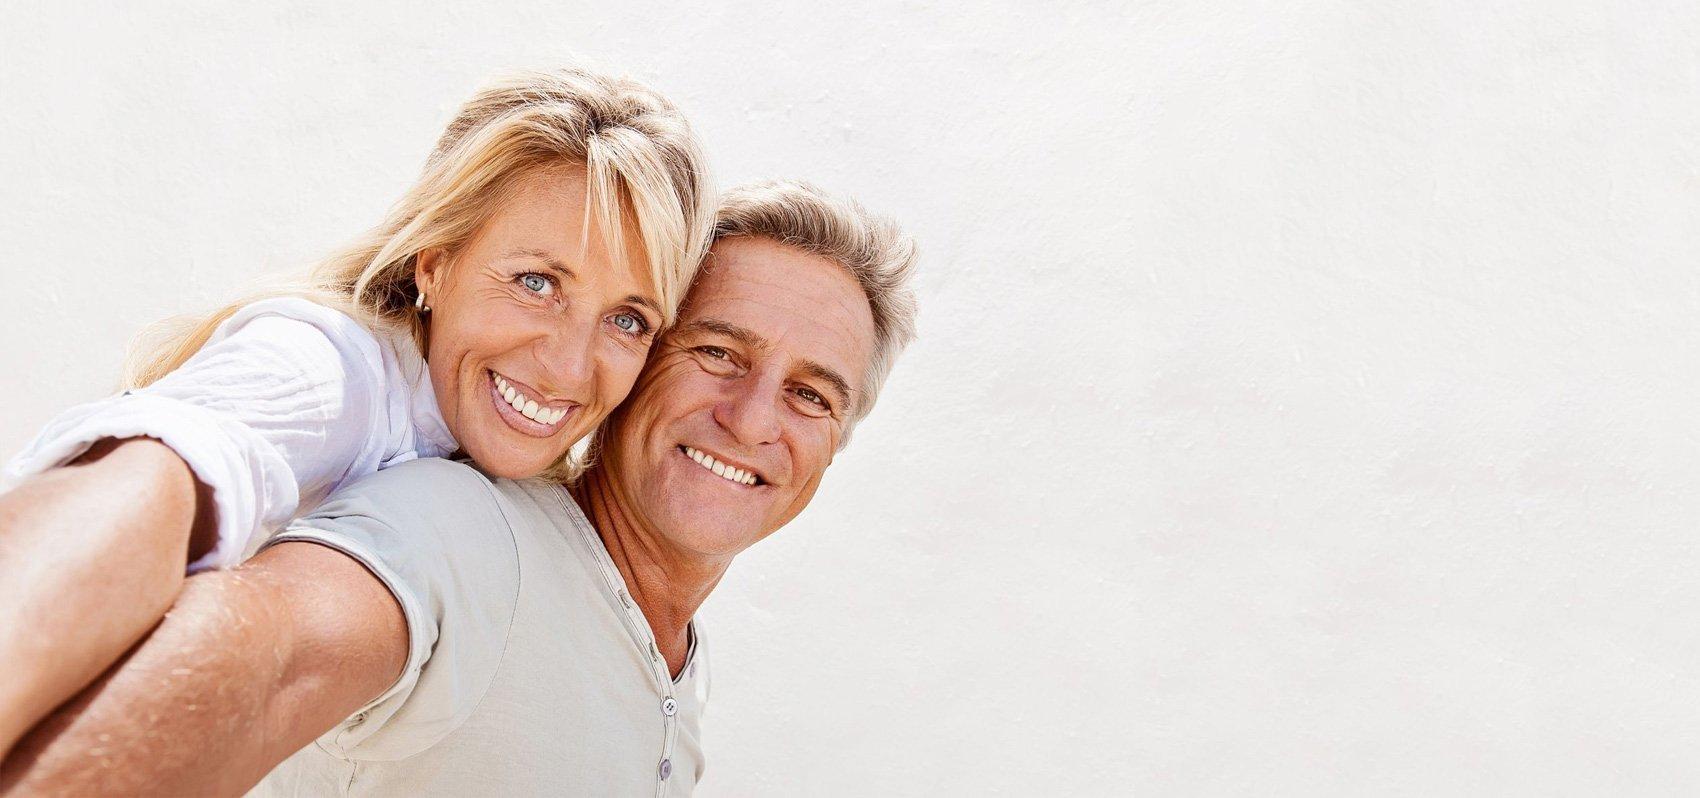 Smiling senior souple